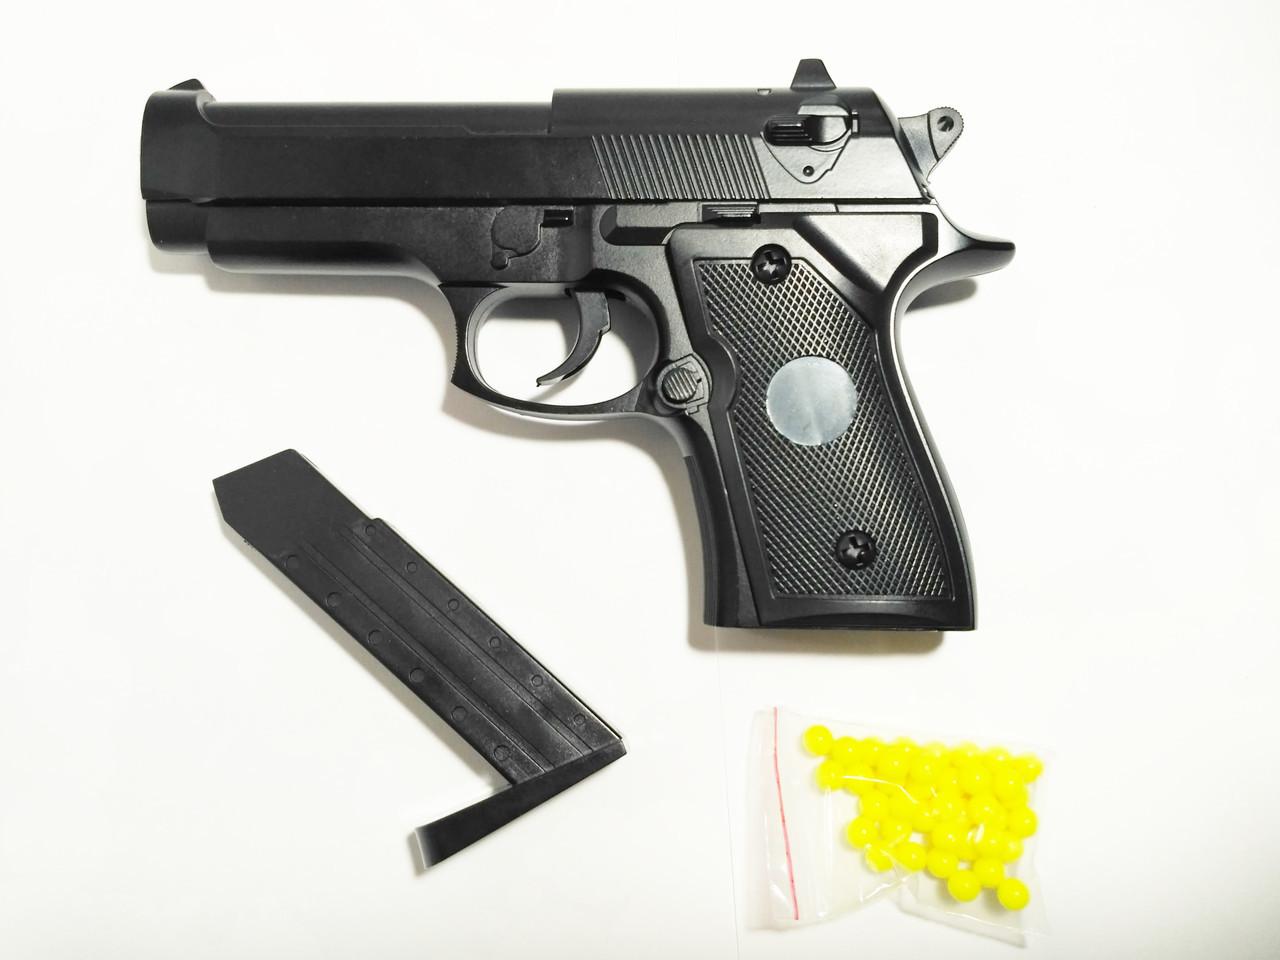 Іграшковий залізний пістолет, zm21 на пульках, дитяча пневматика